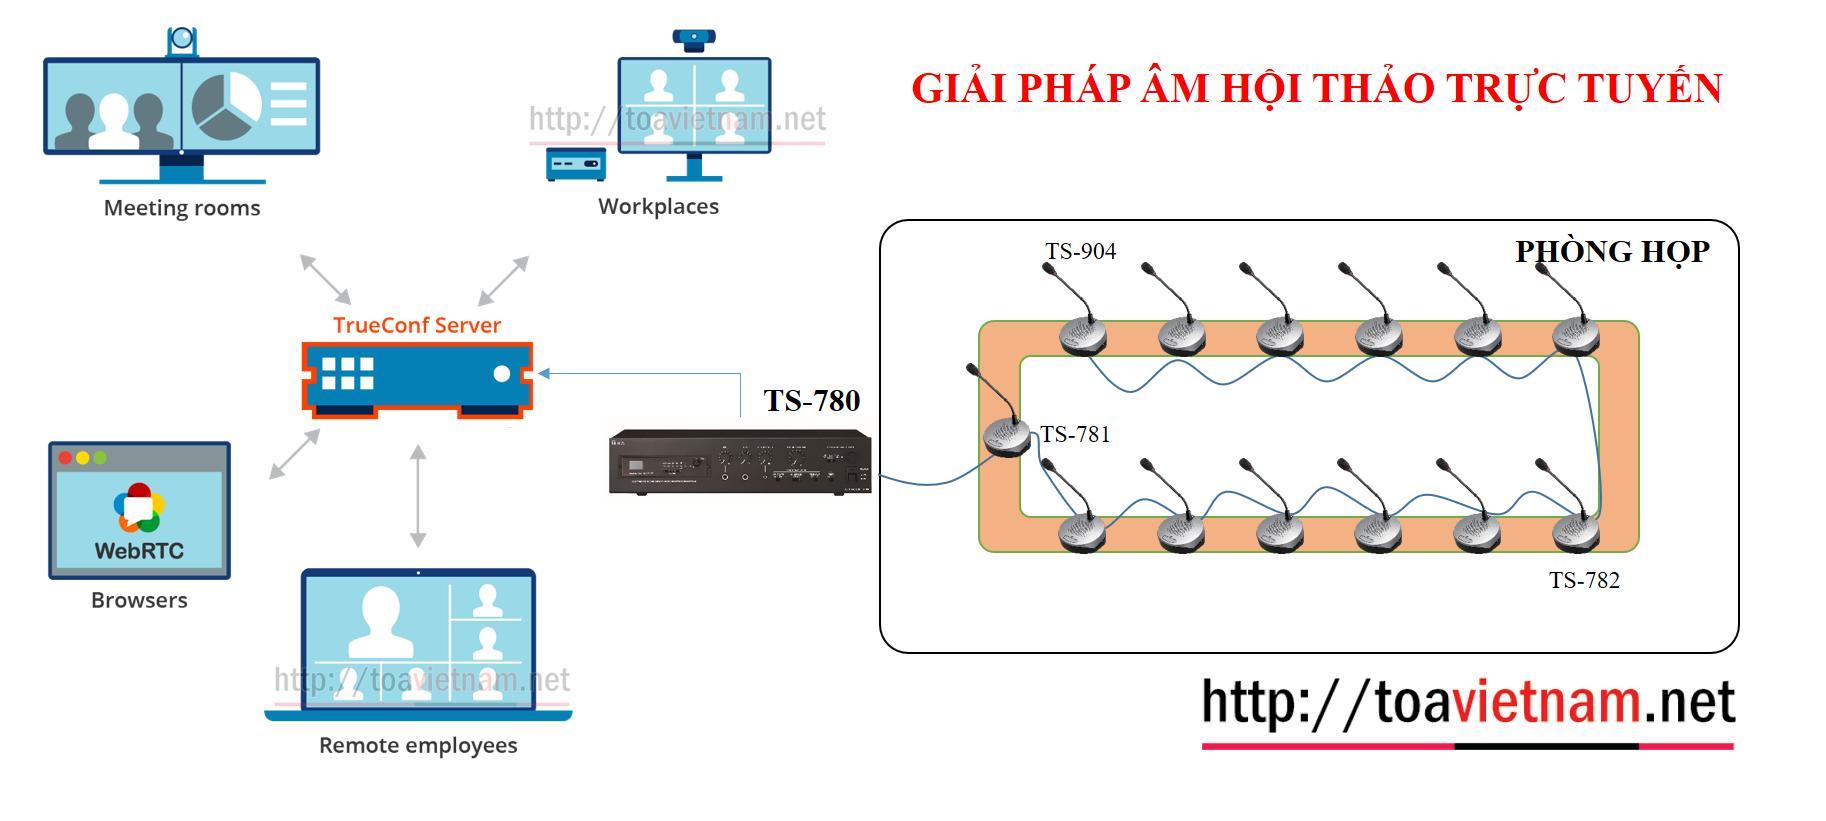 Giải pháp Hội nghị trực tuyến với TS-780